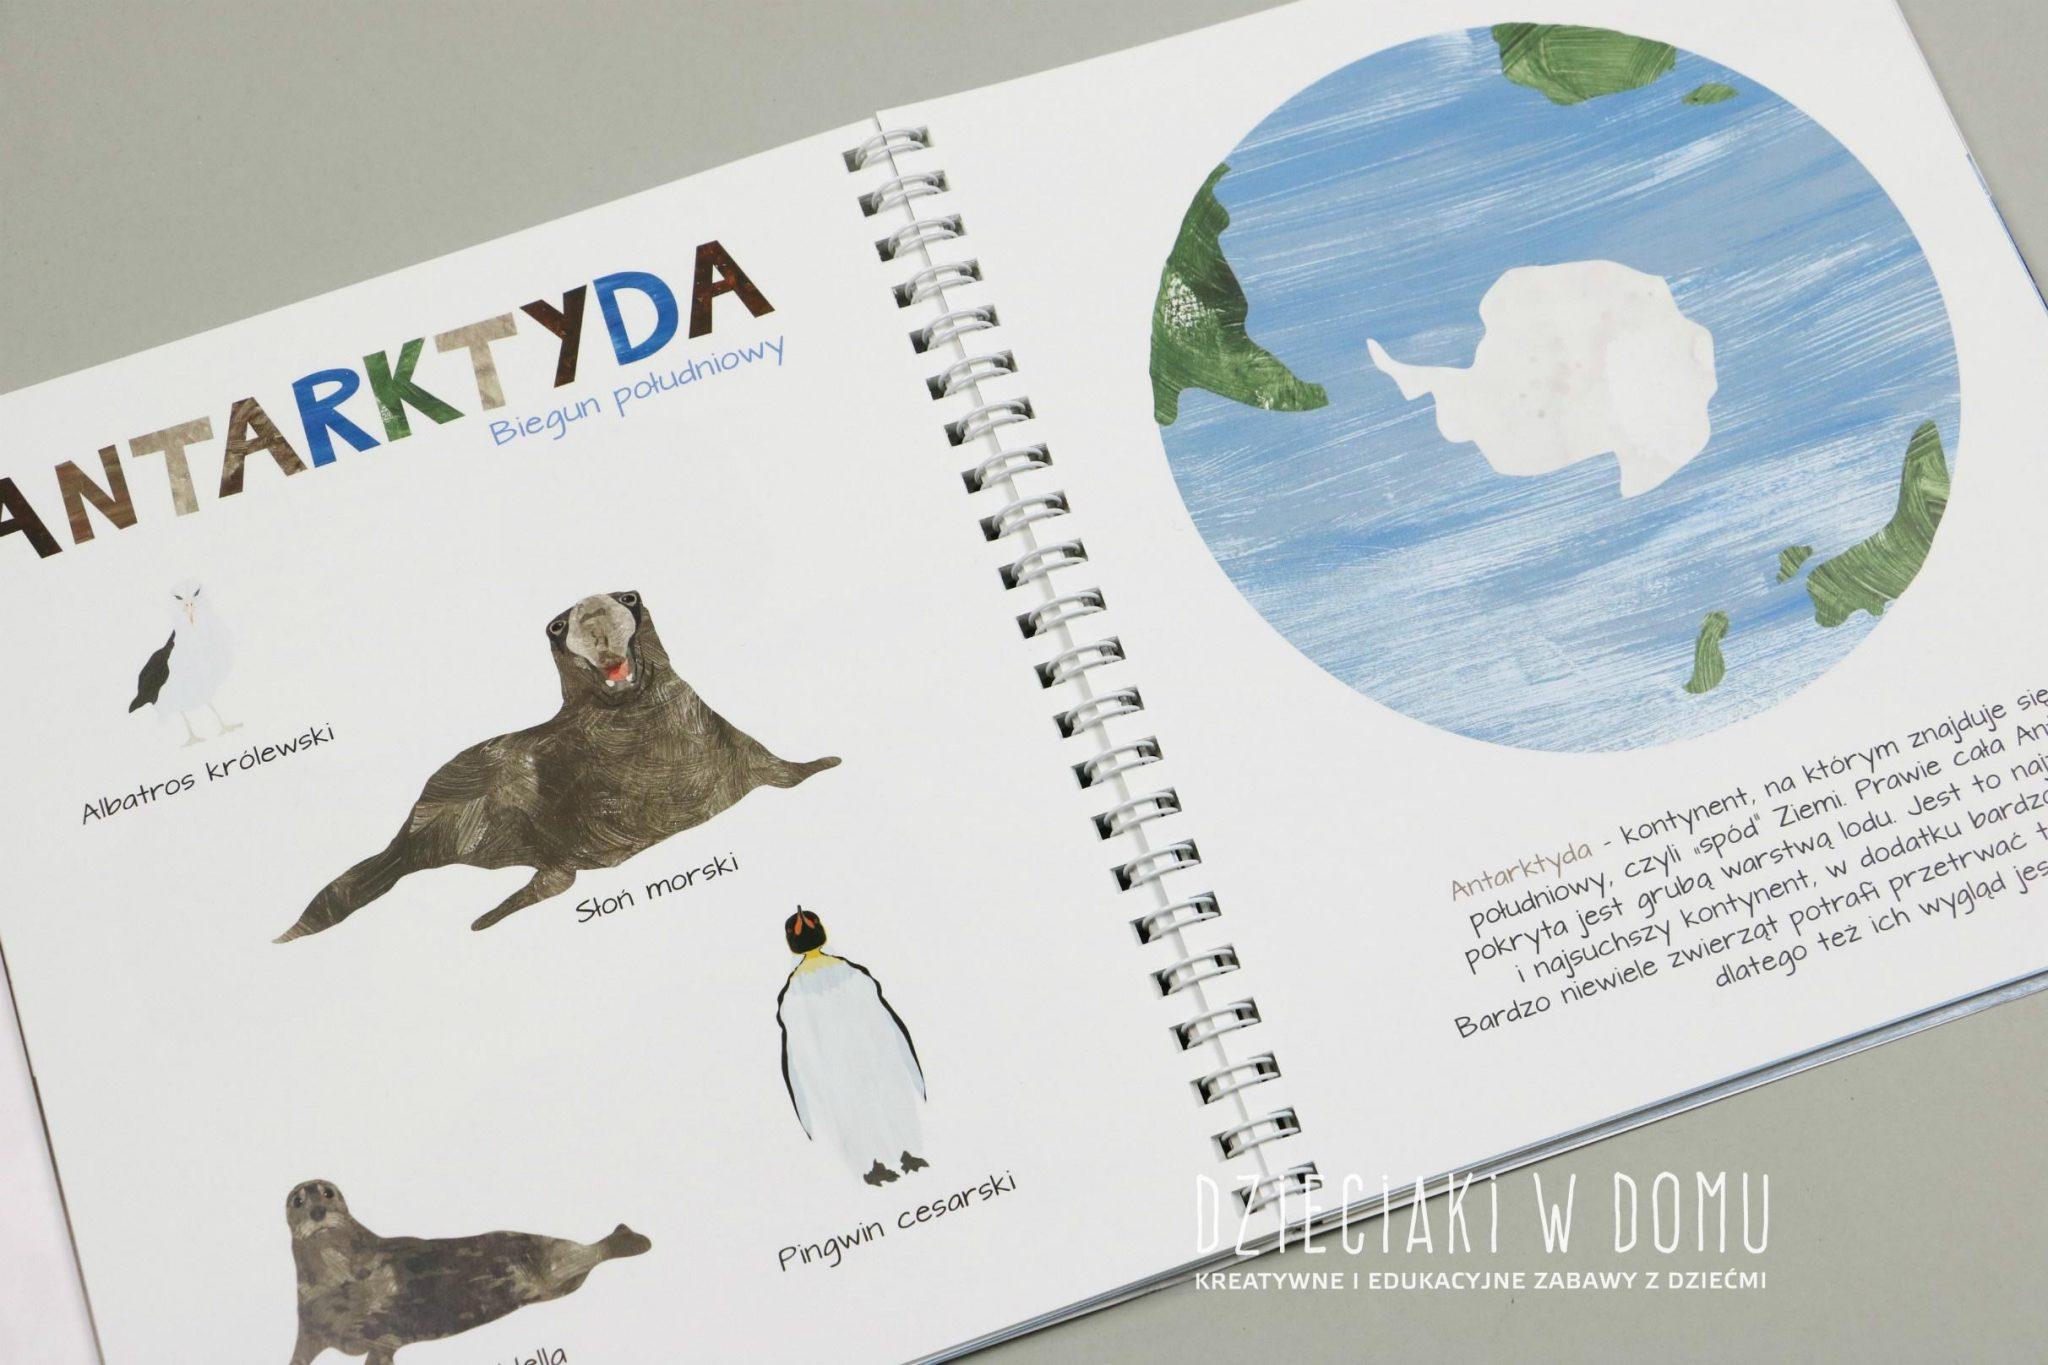 arktyka i antarktyda 15